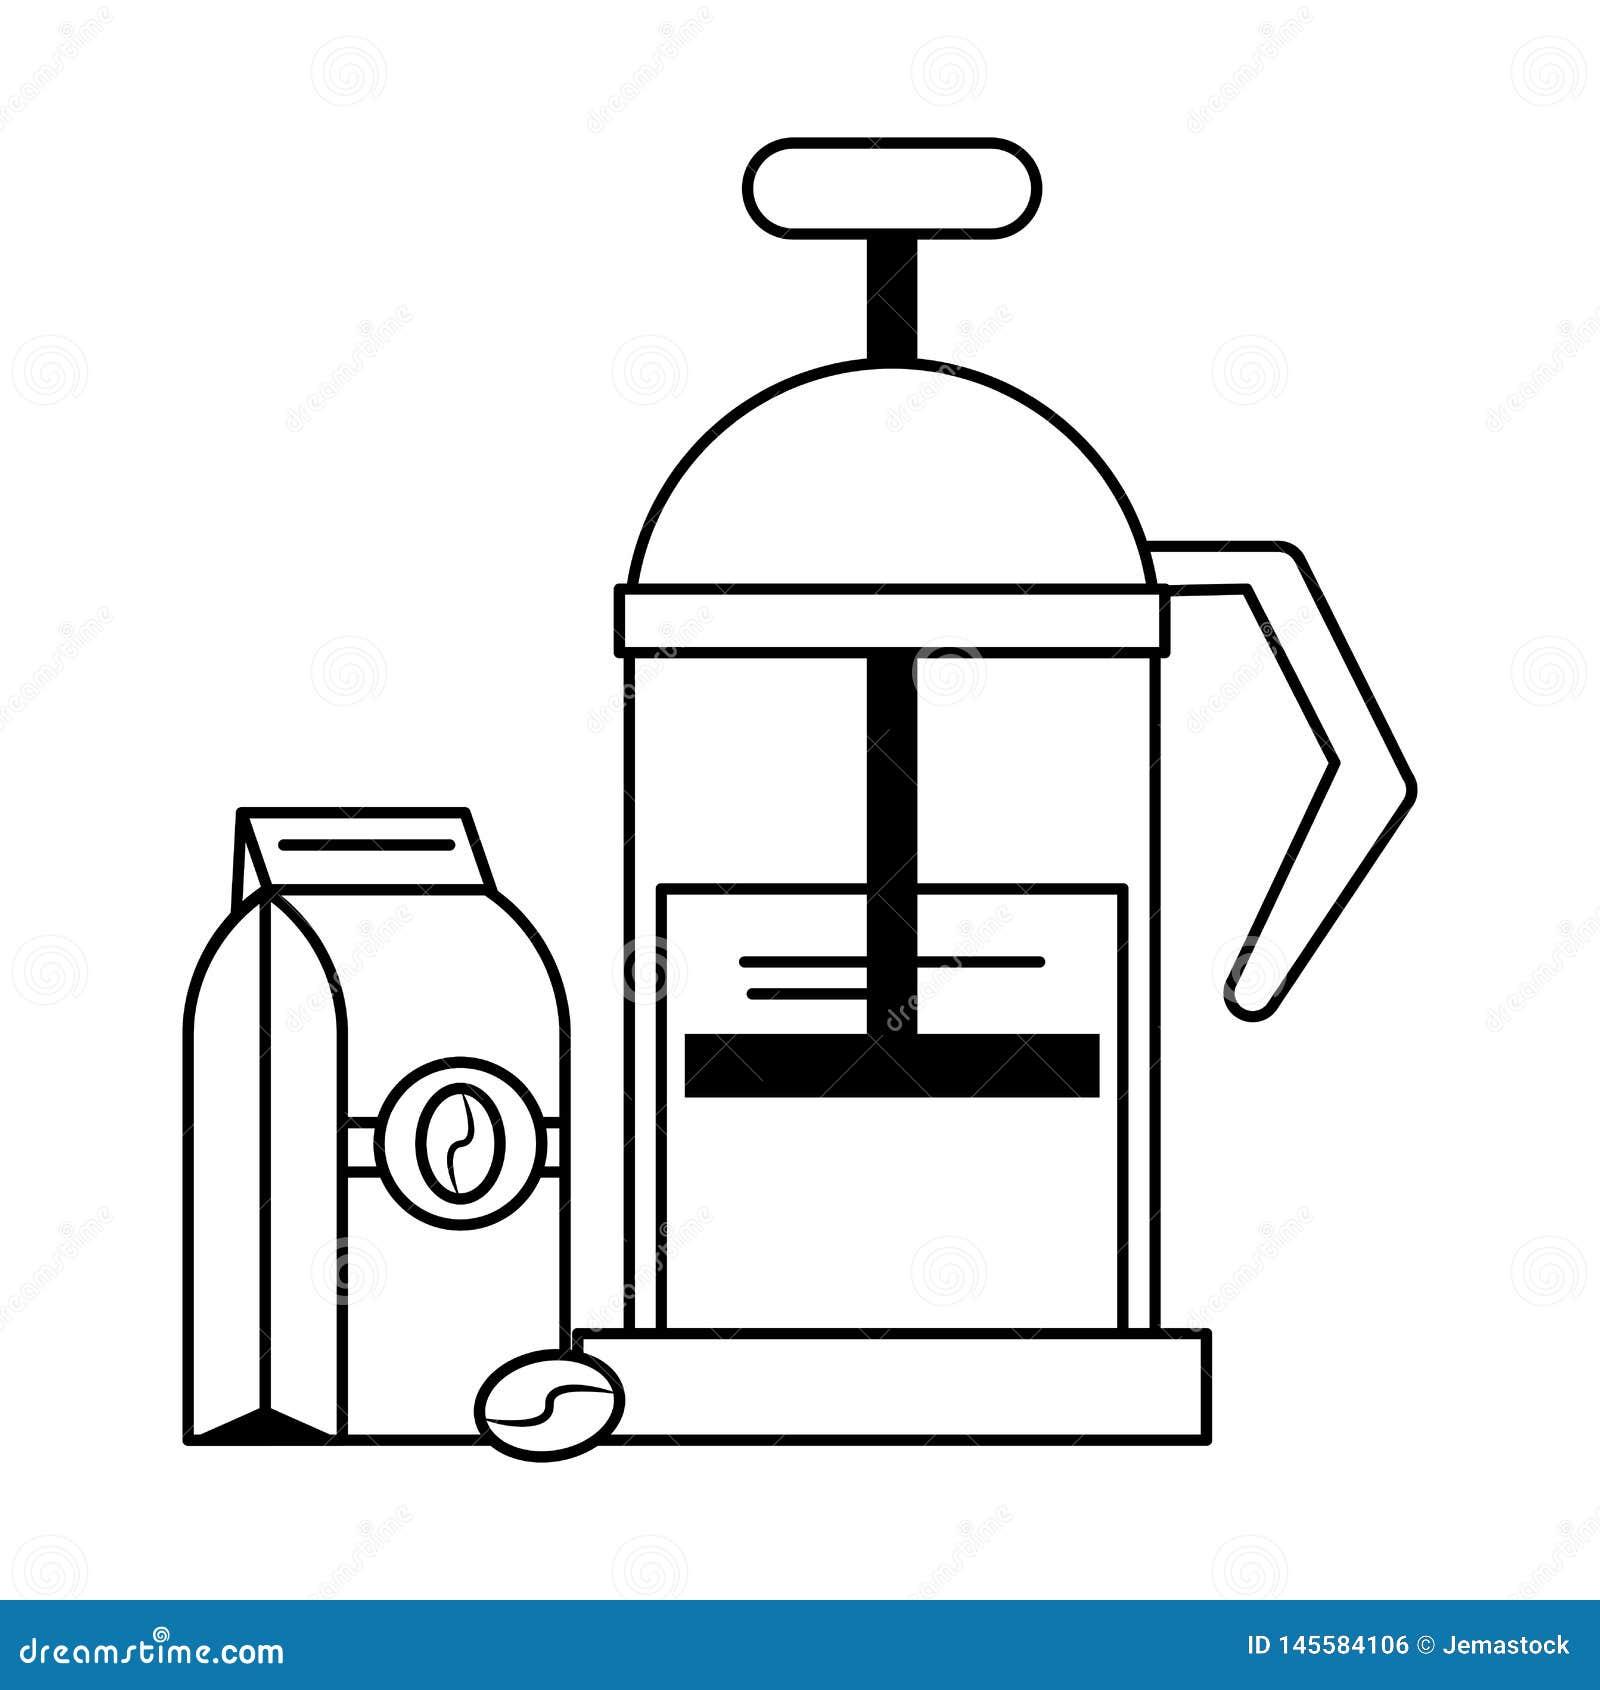 Equipamento manual do coffeeshop do fabricante de café em preto e branco